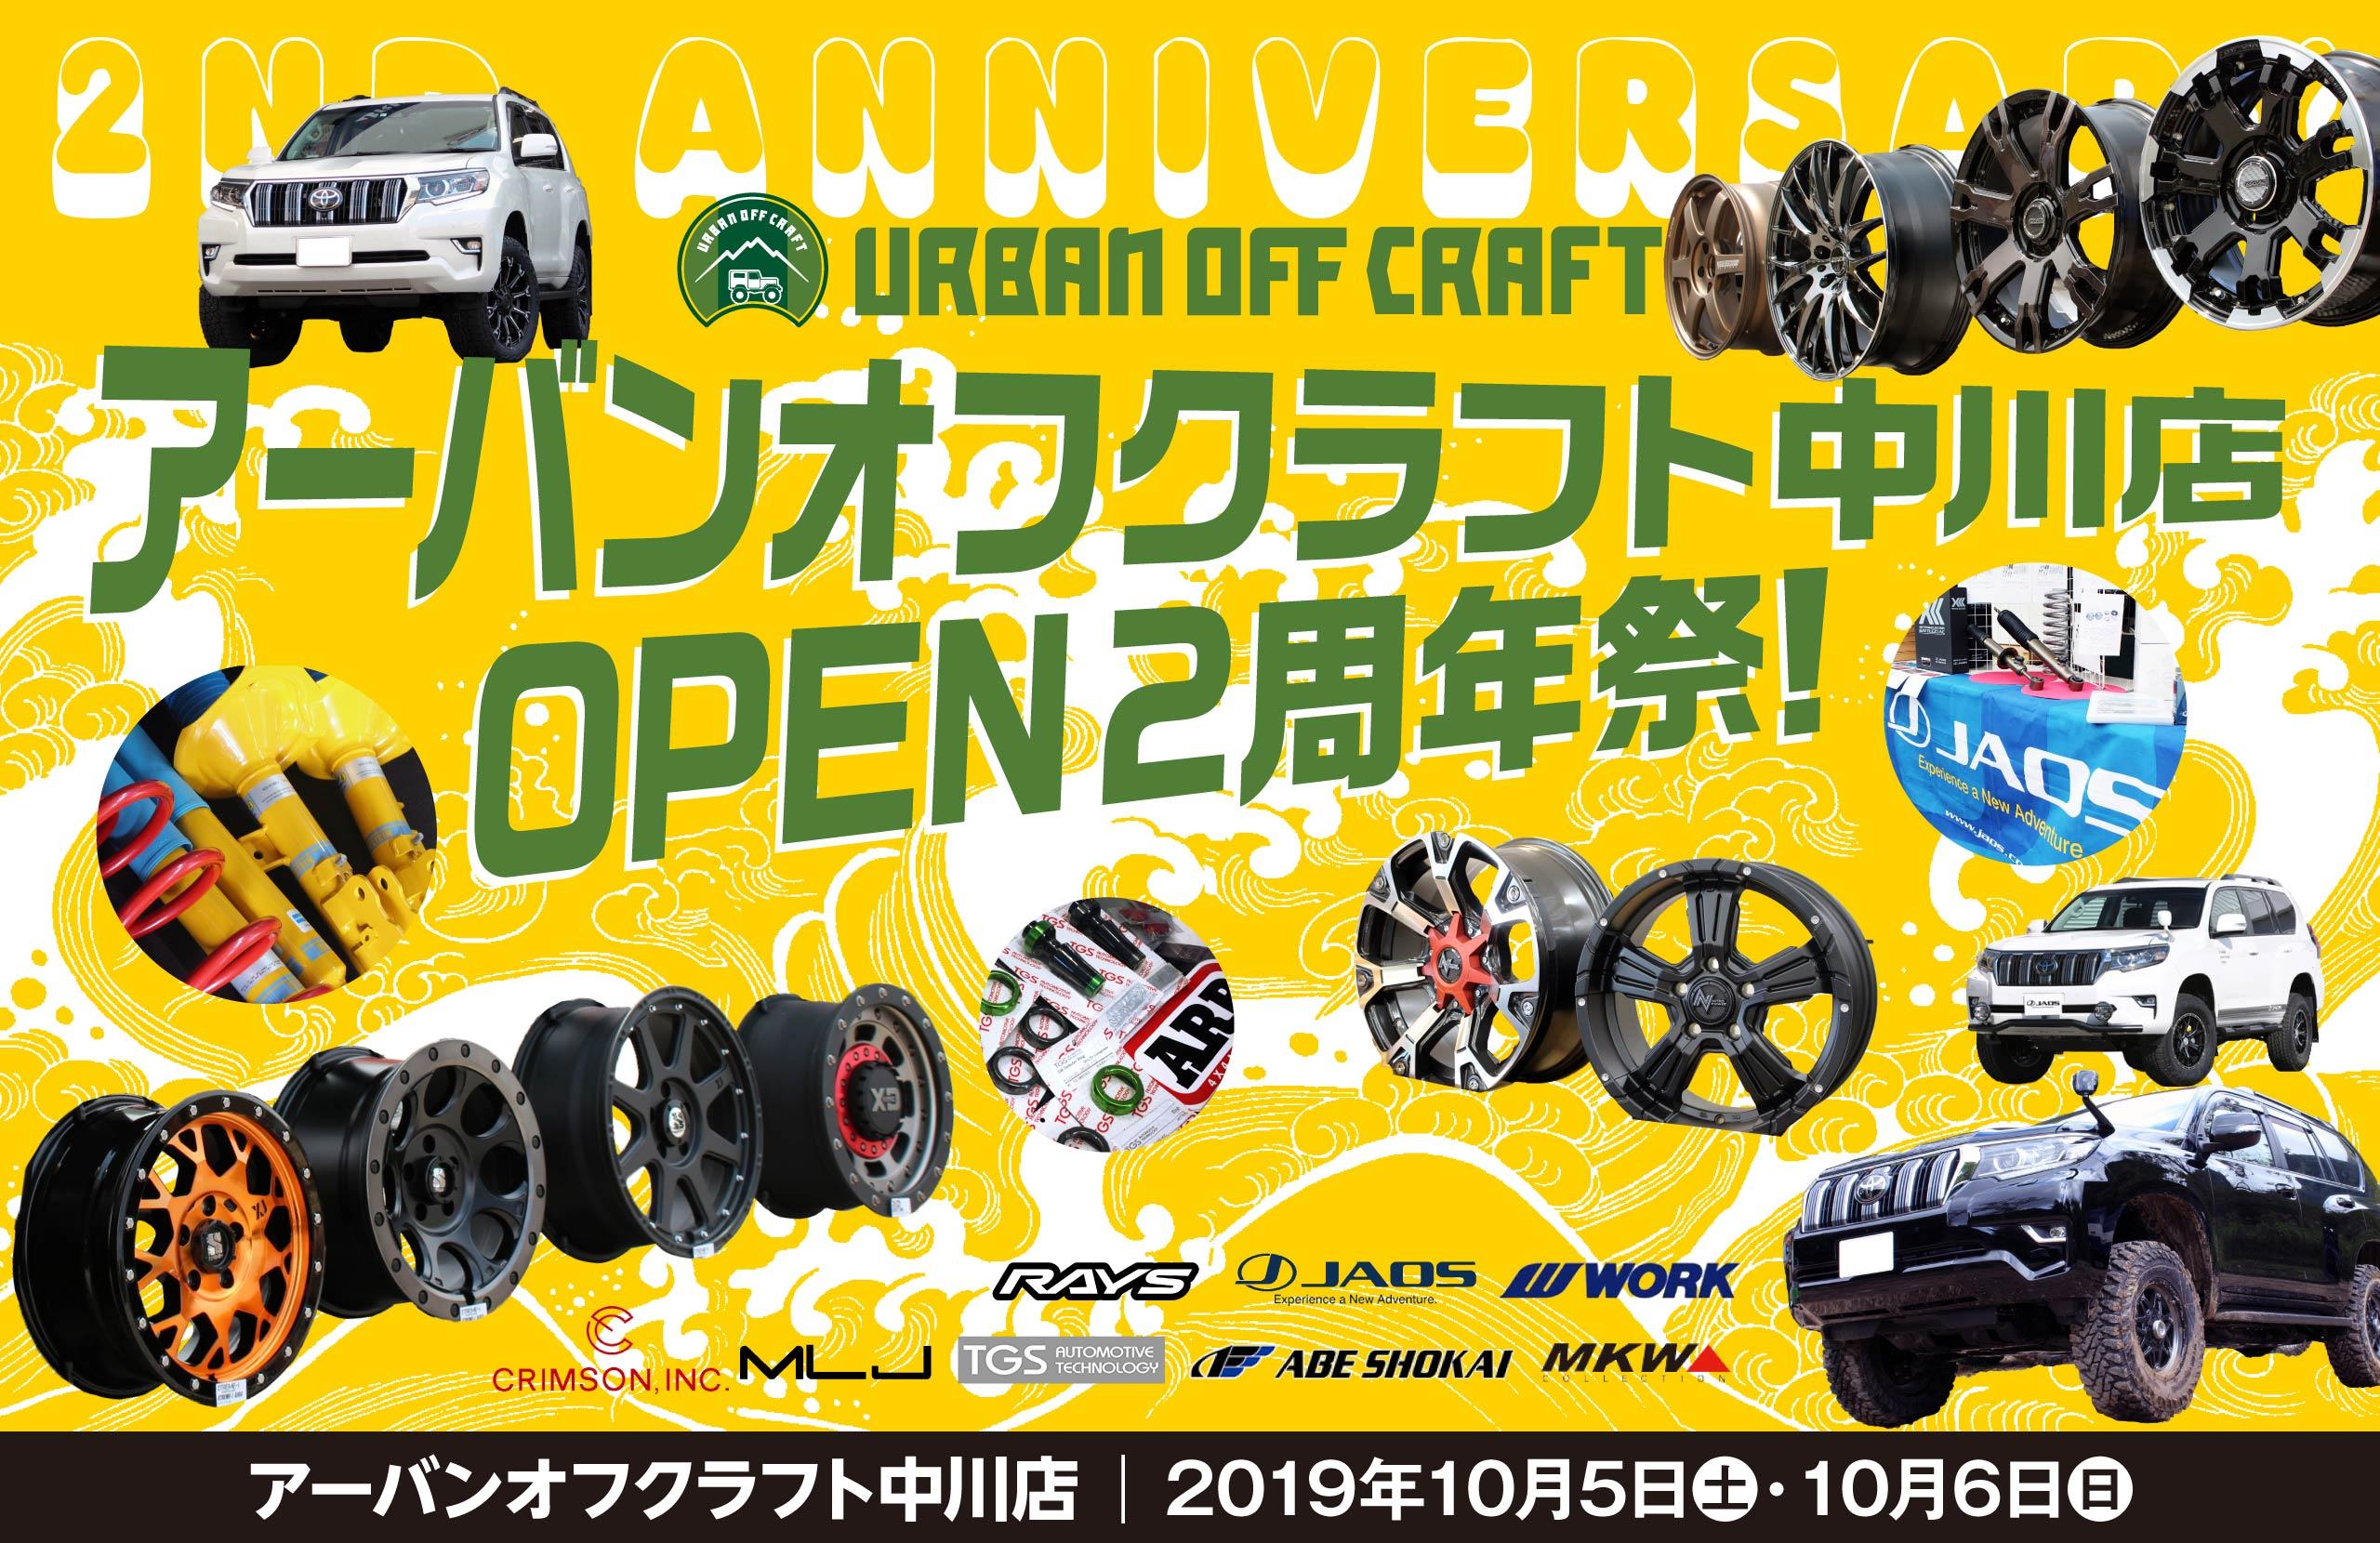 アーバンオフクラフト中川店 OPEN2周年祭!